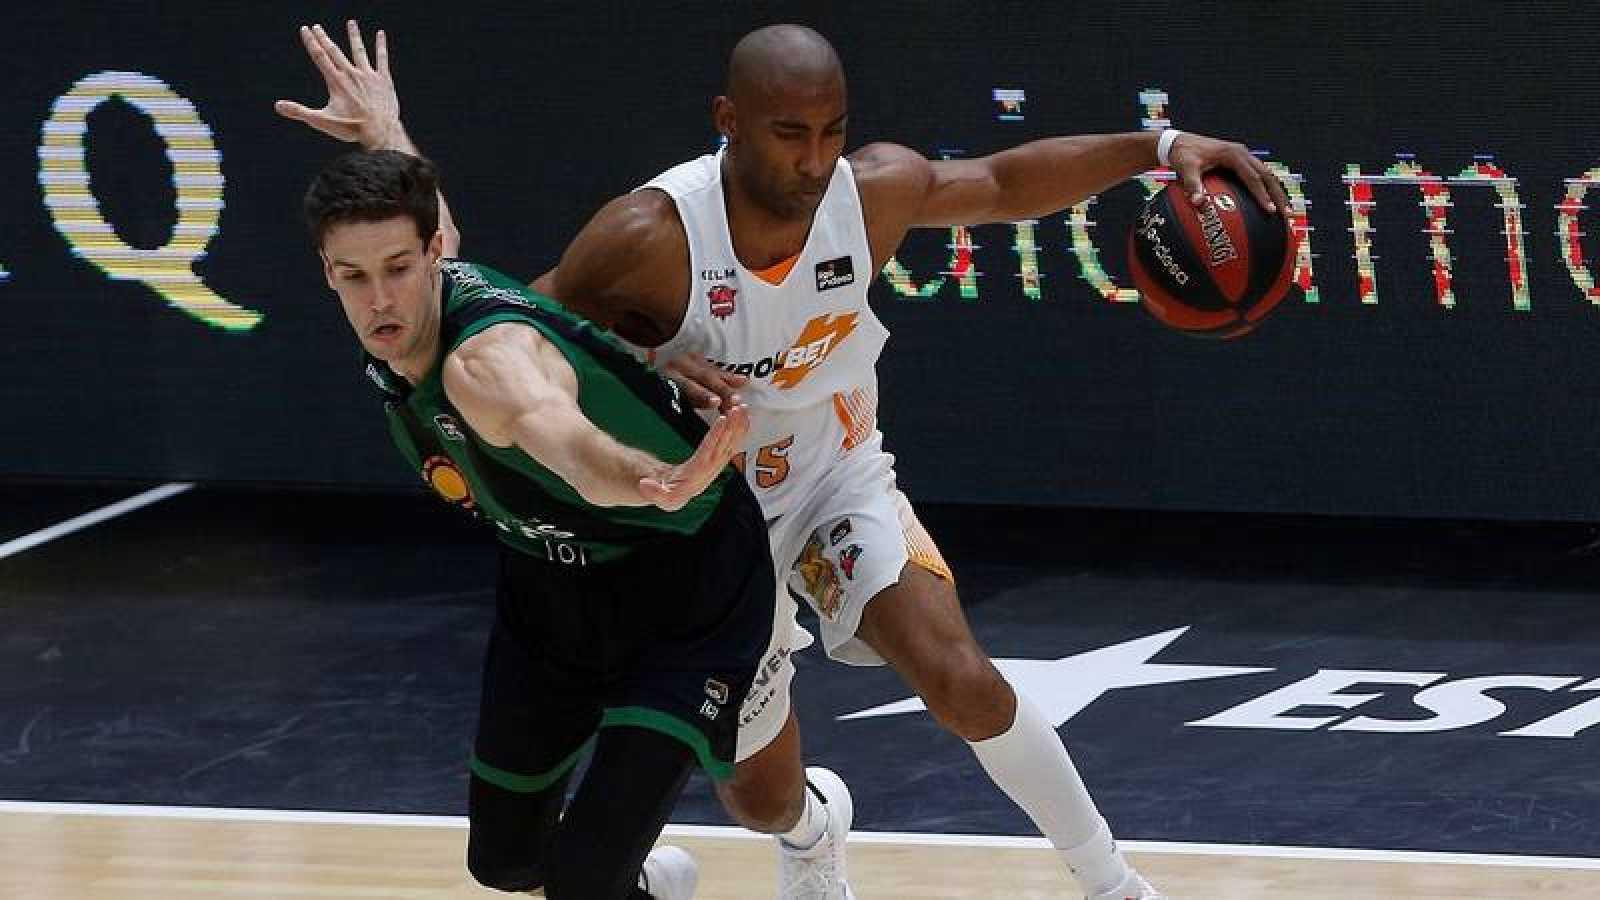 La lesión de Granger ha sido el gran contratiempo para Baskonia en su intrascendente partido contra el Joventut.